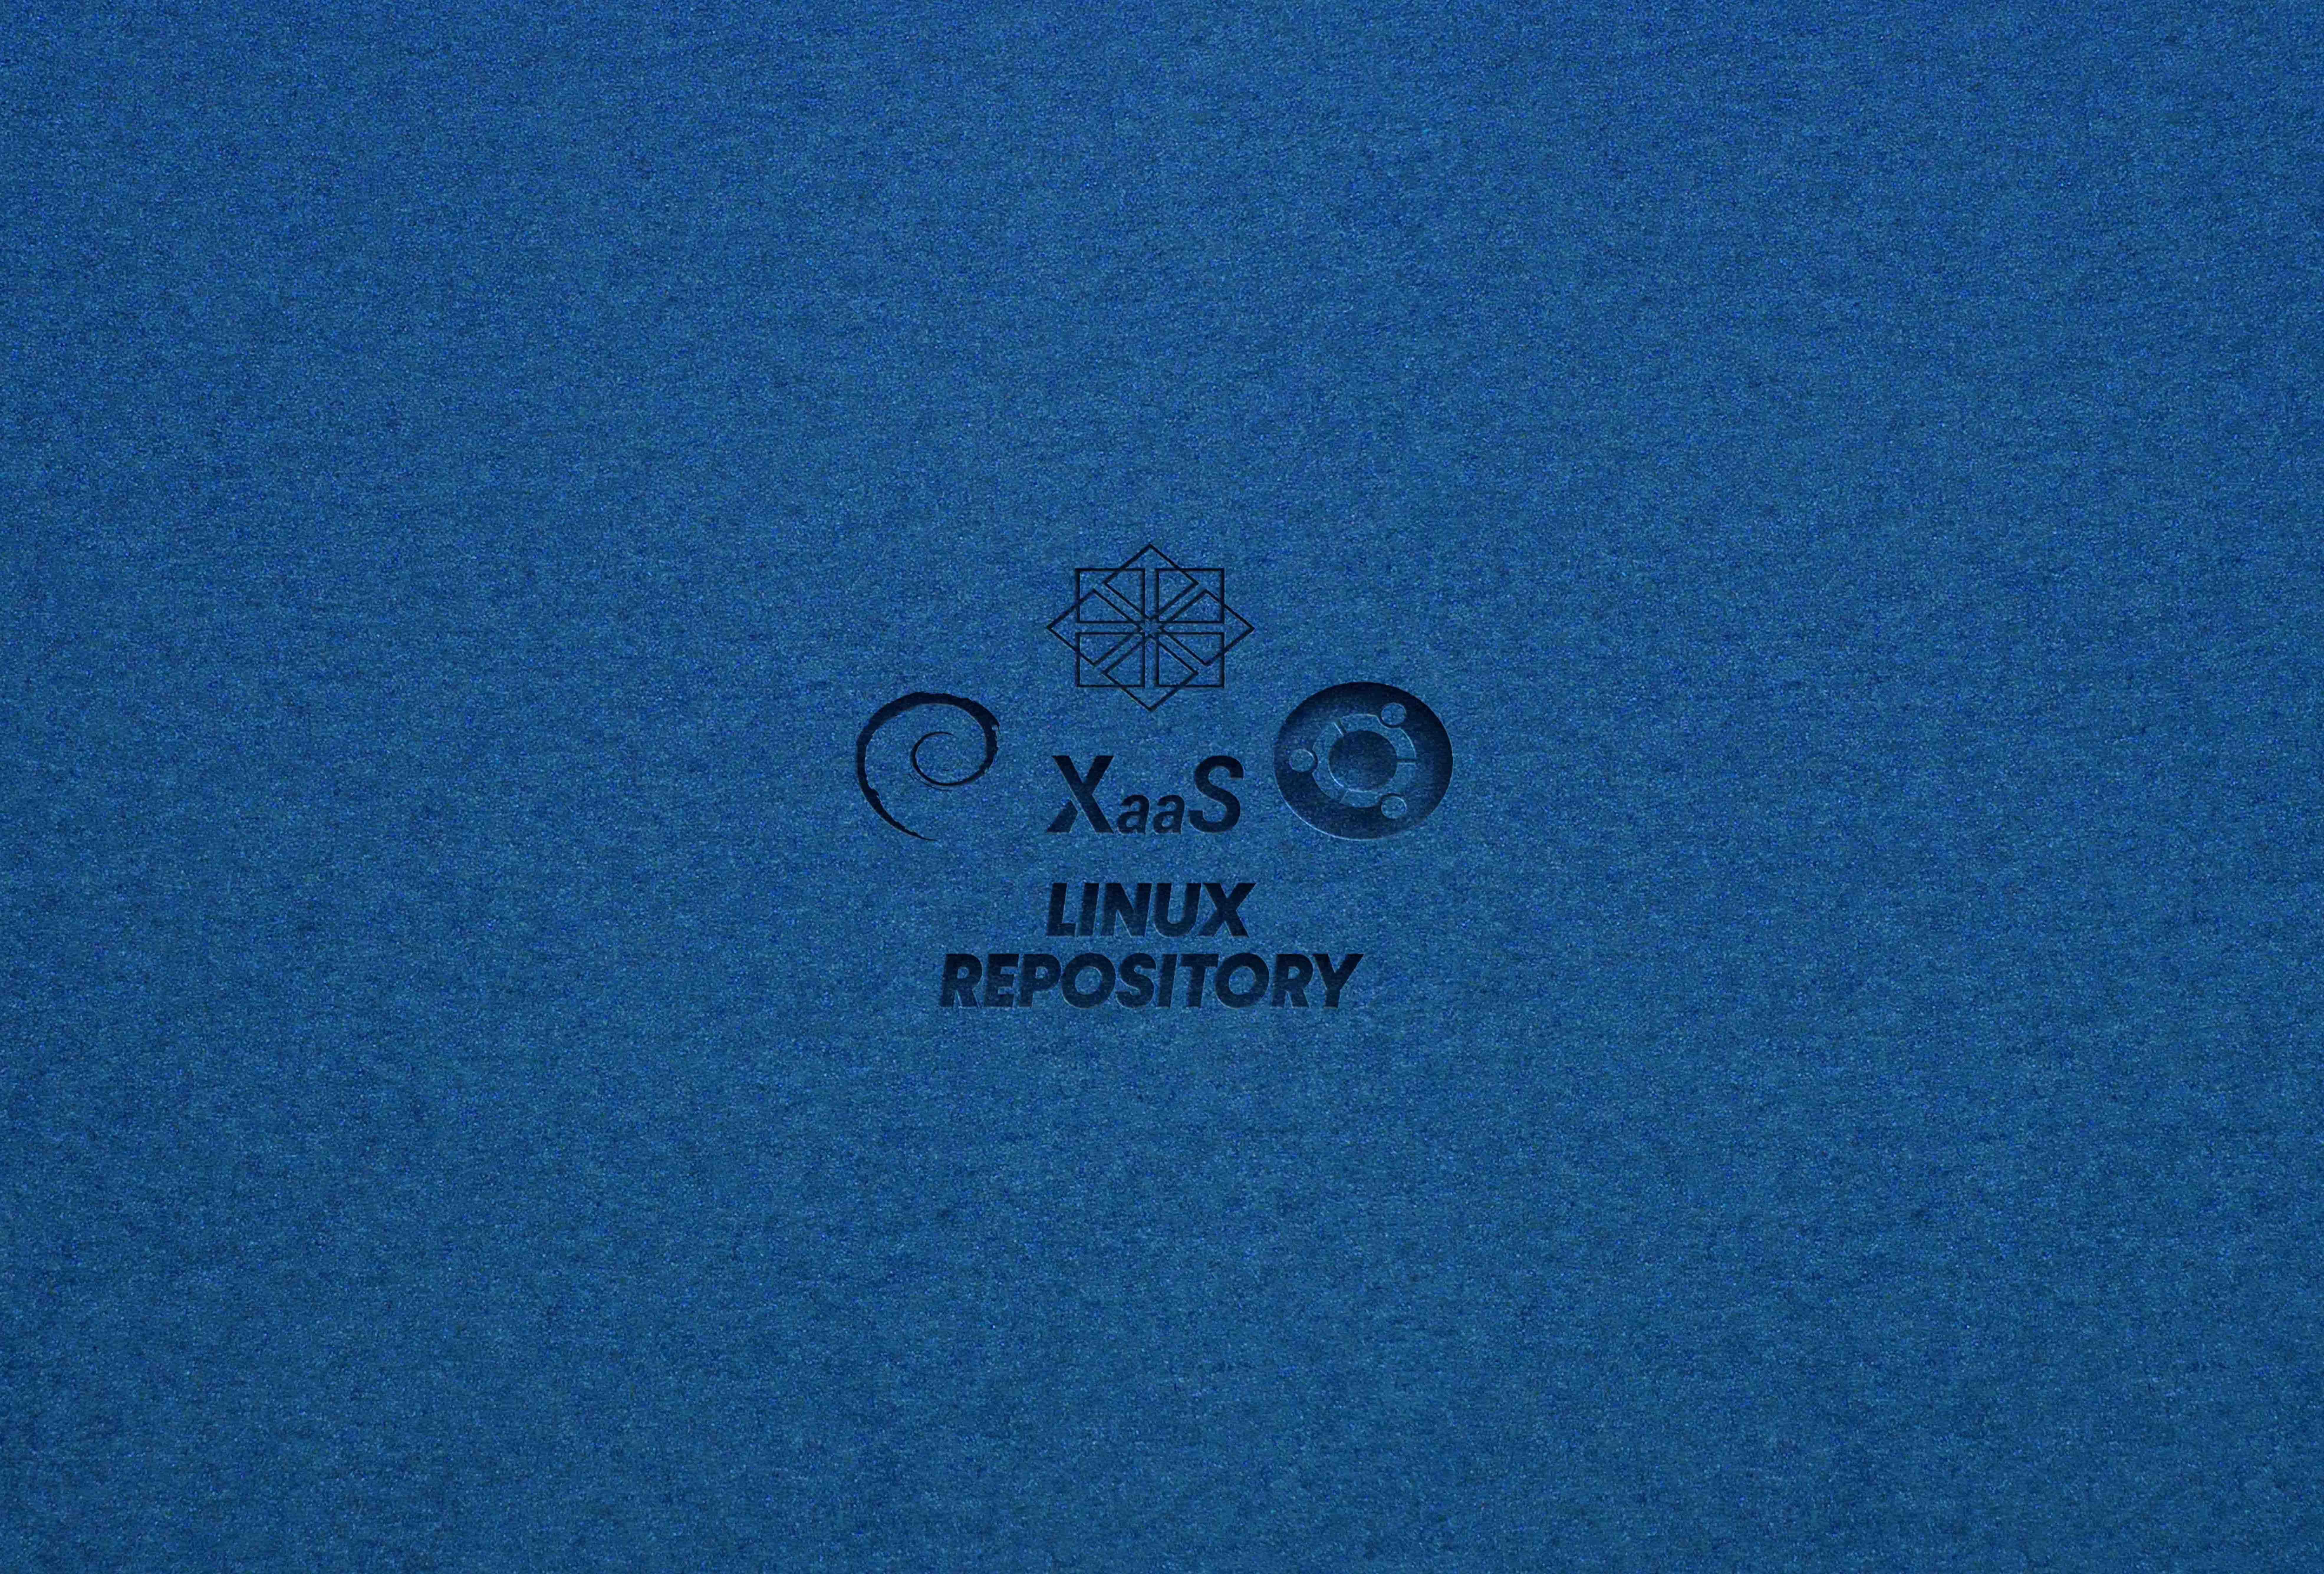 مخازن XaaS